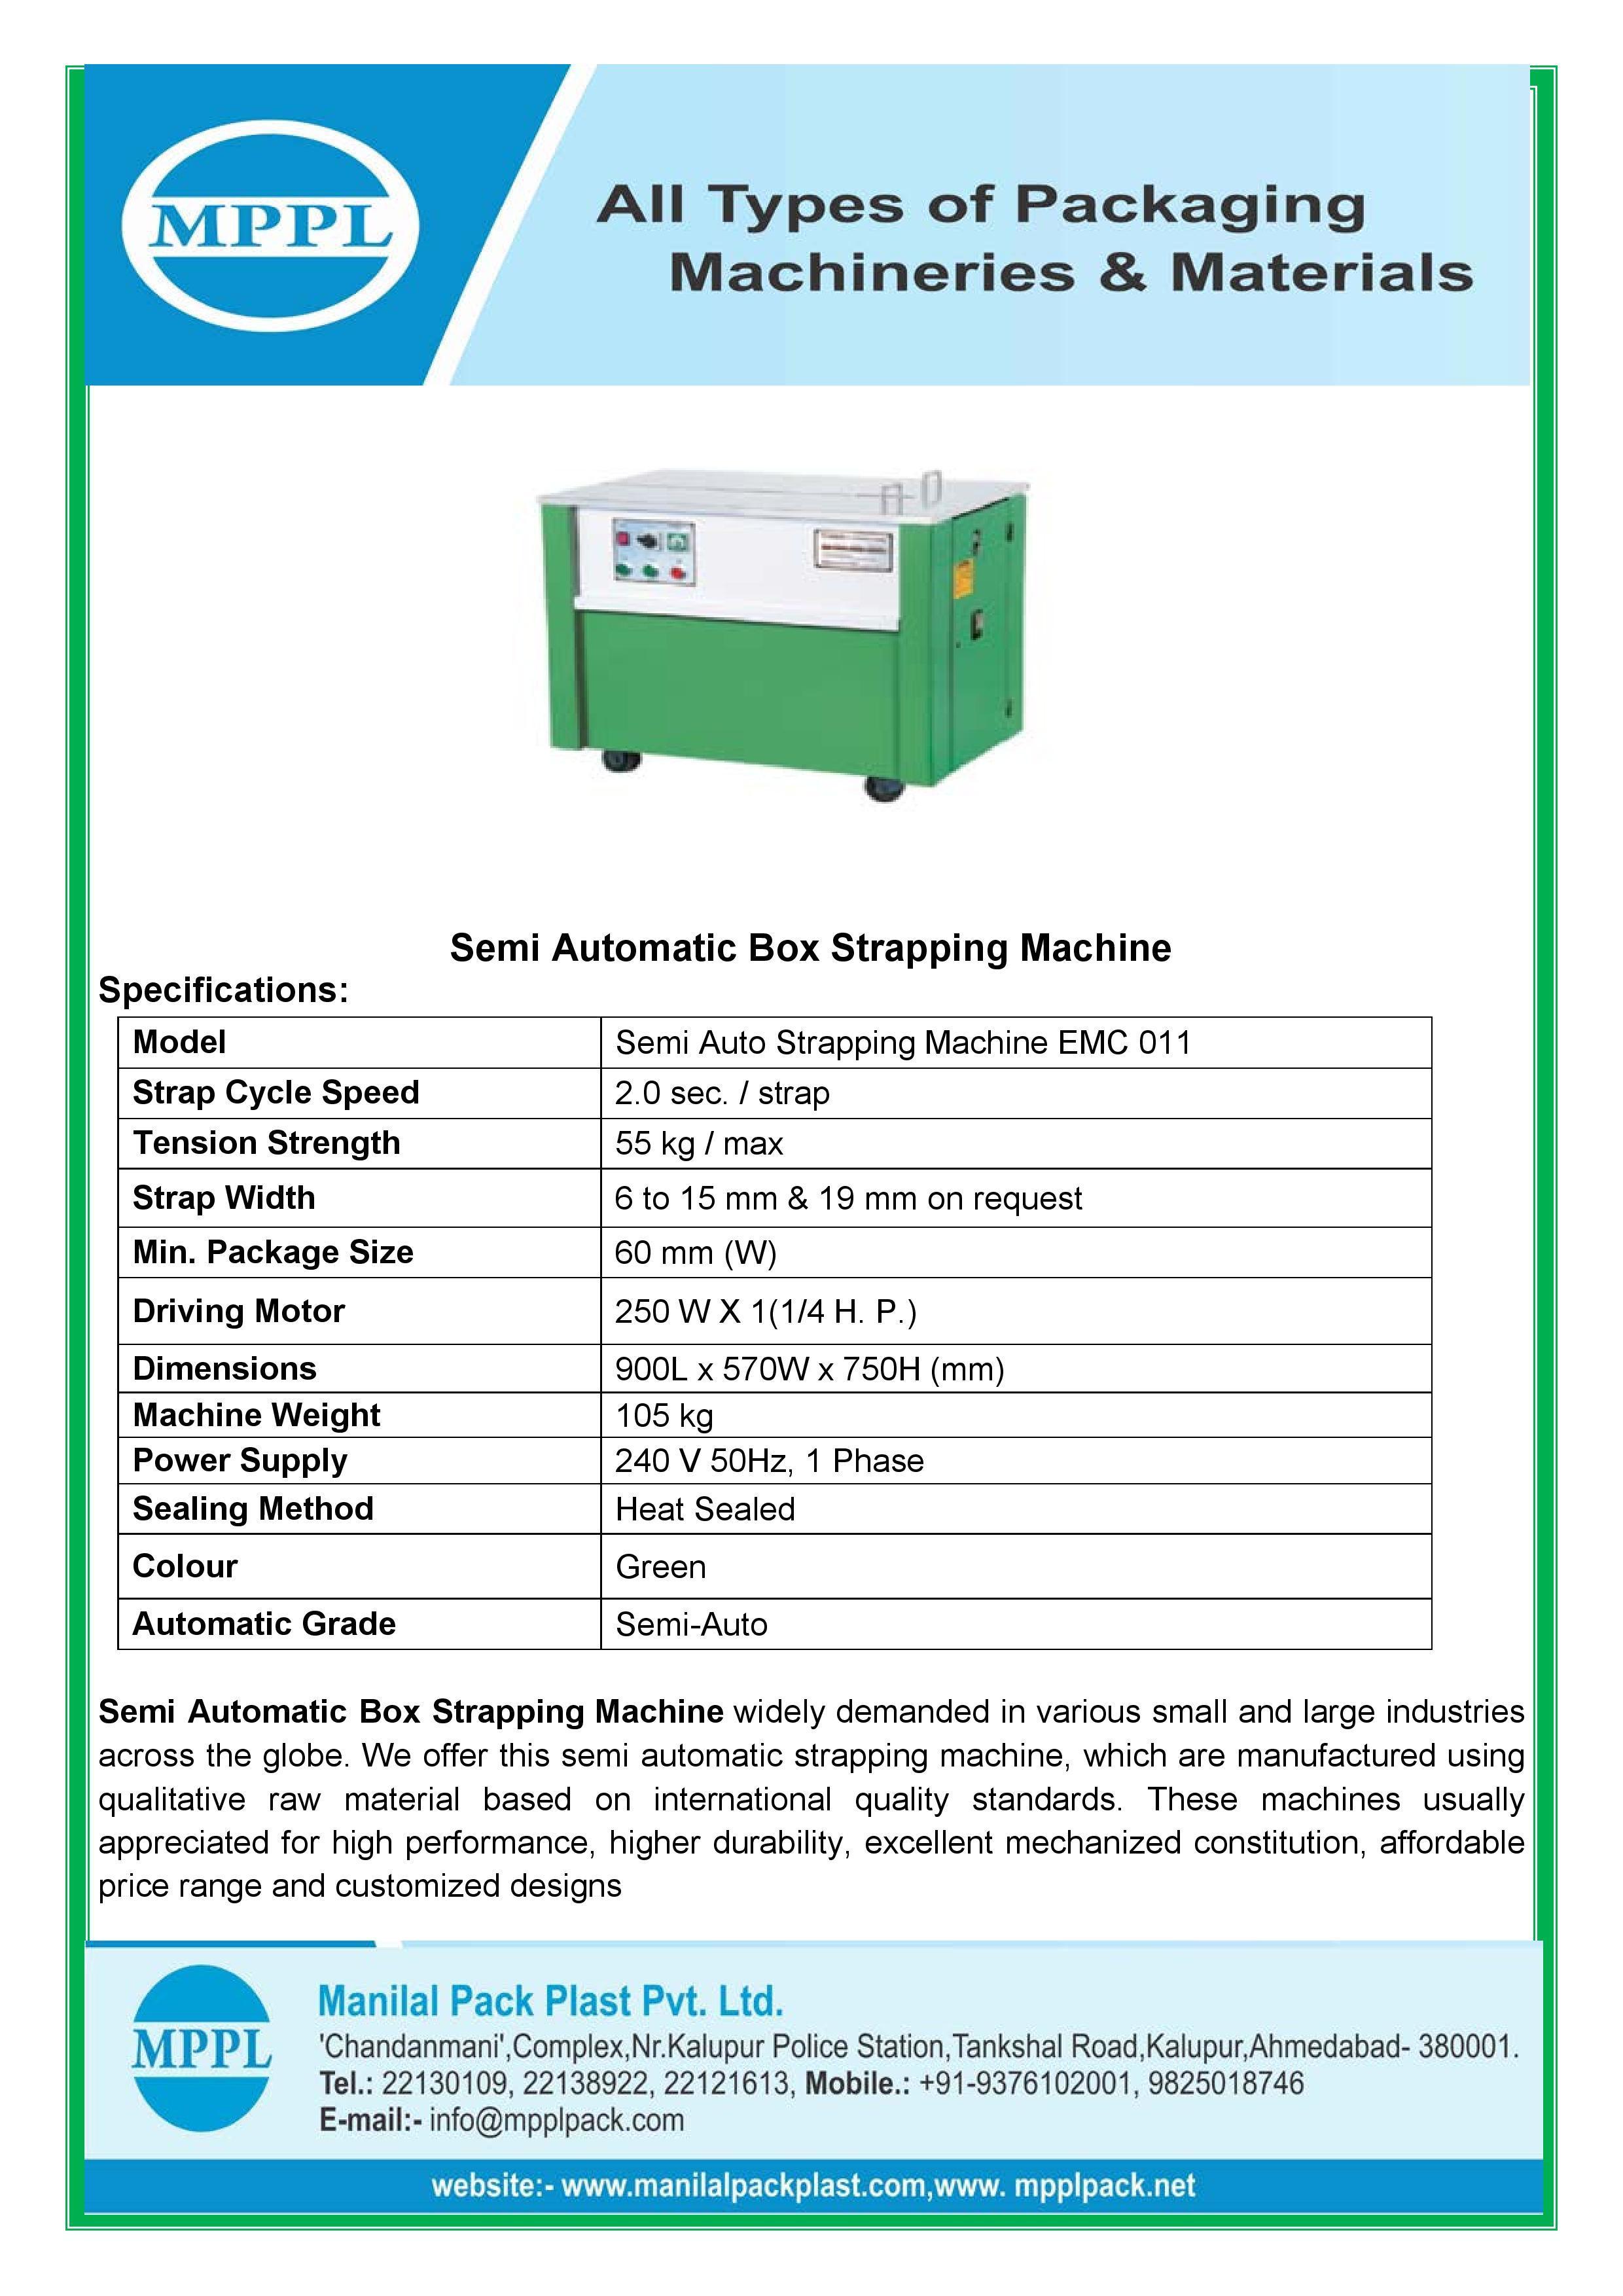 Semi Automatic Box Strapping Machine EMC011